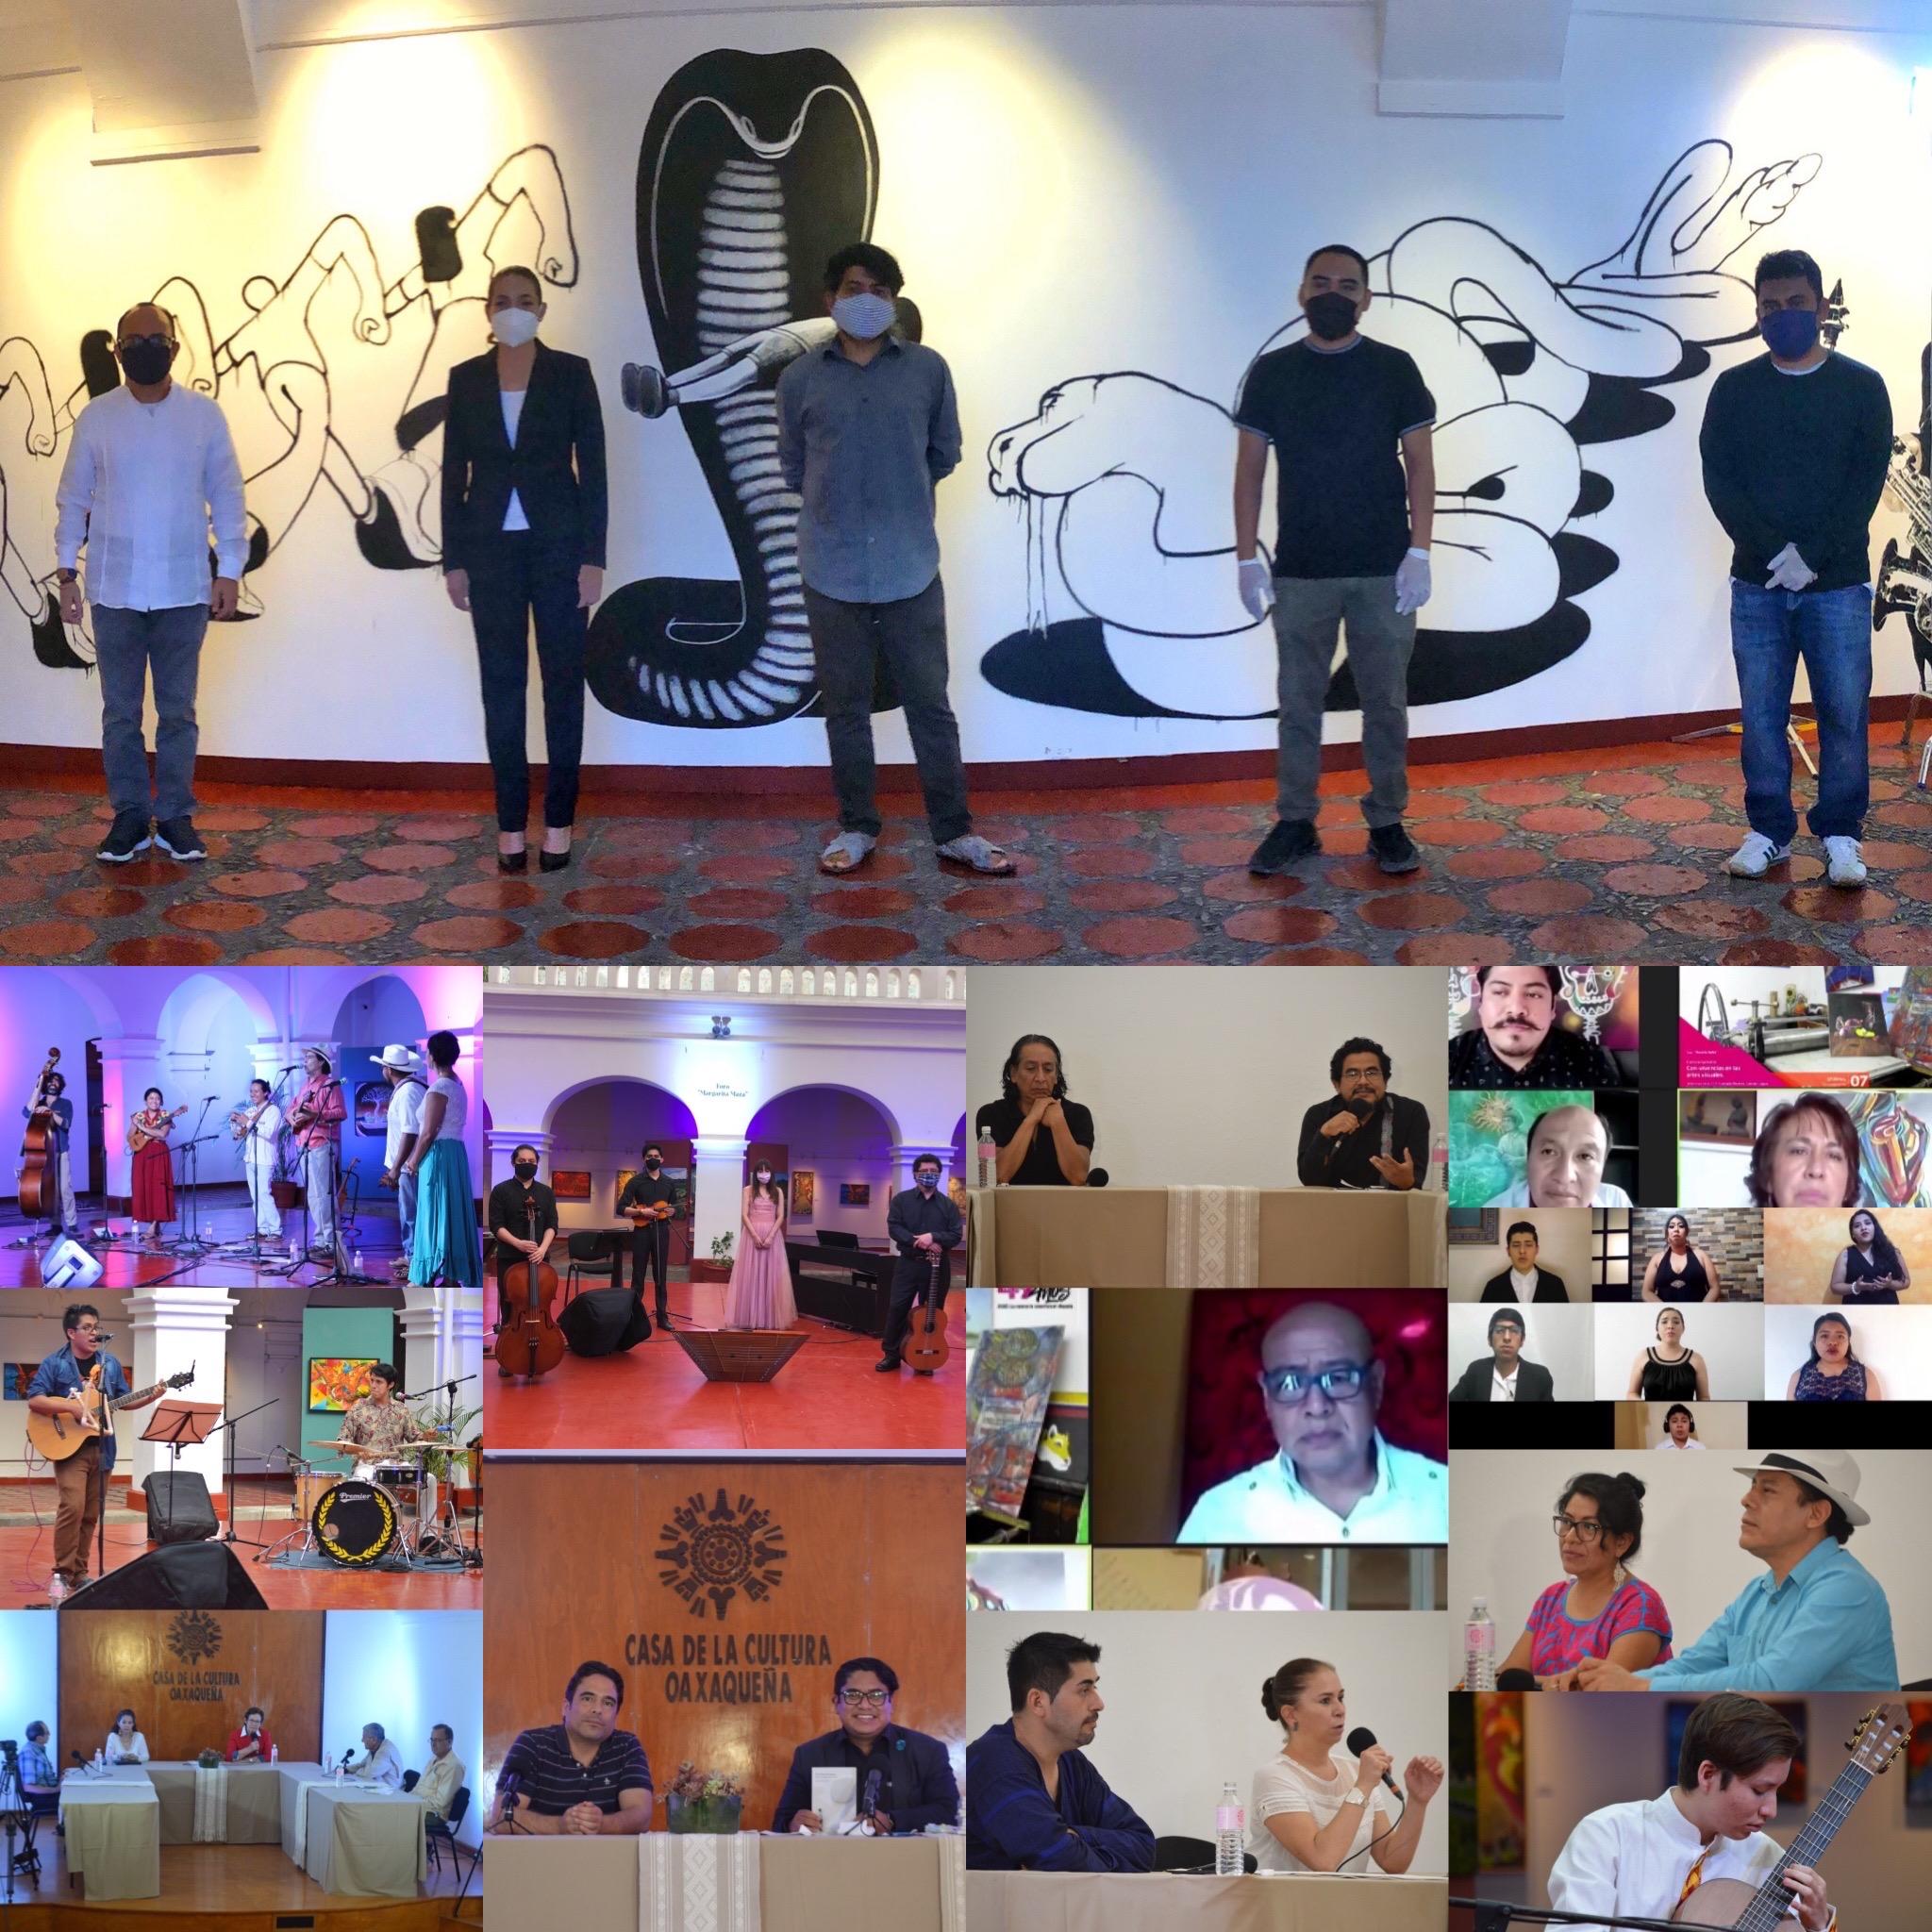 Más de 51 mil personas celebraron virtualmente el 49 aniversario de la CCO